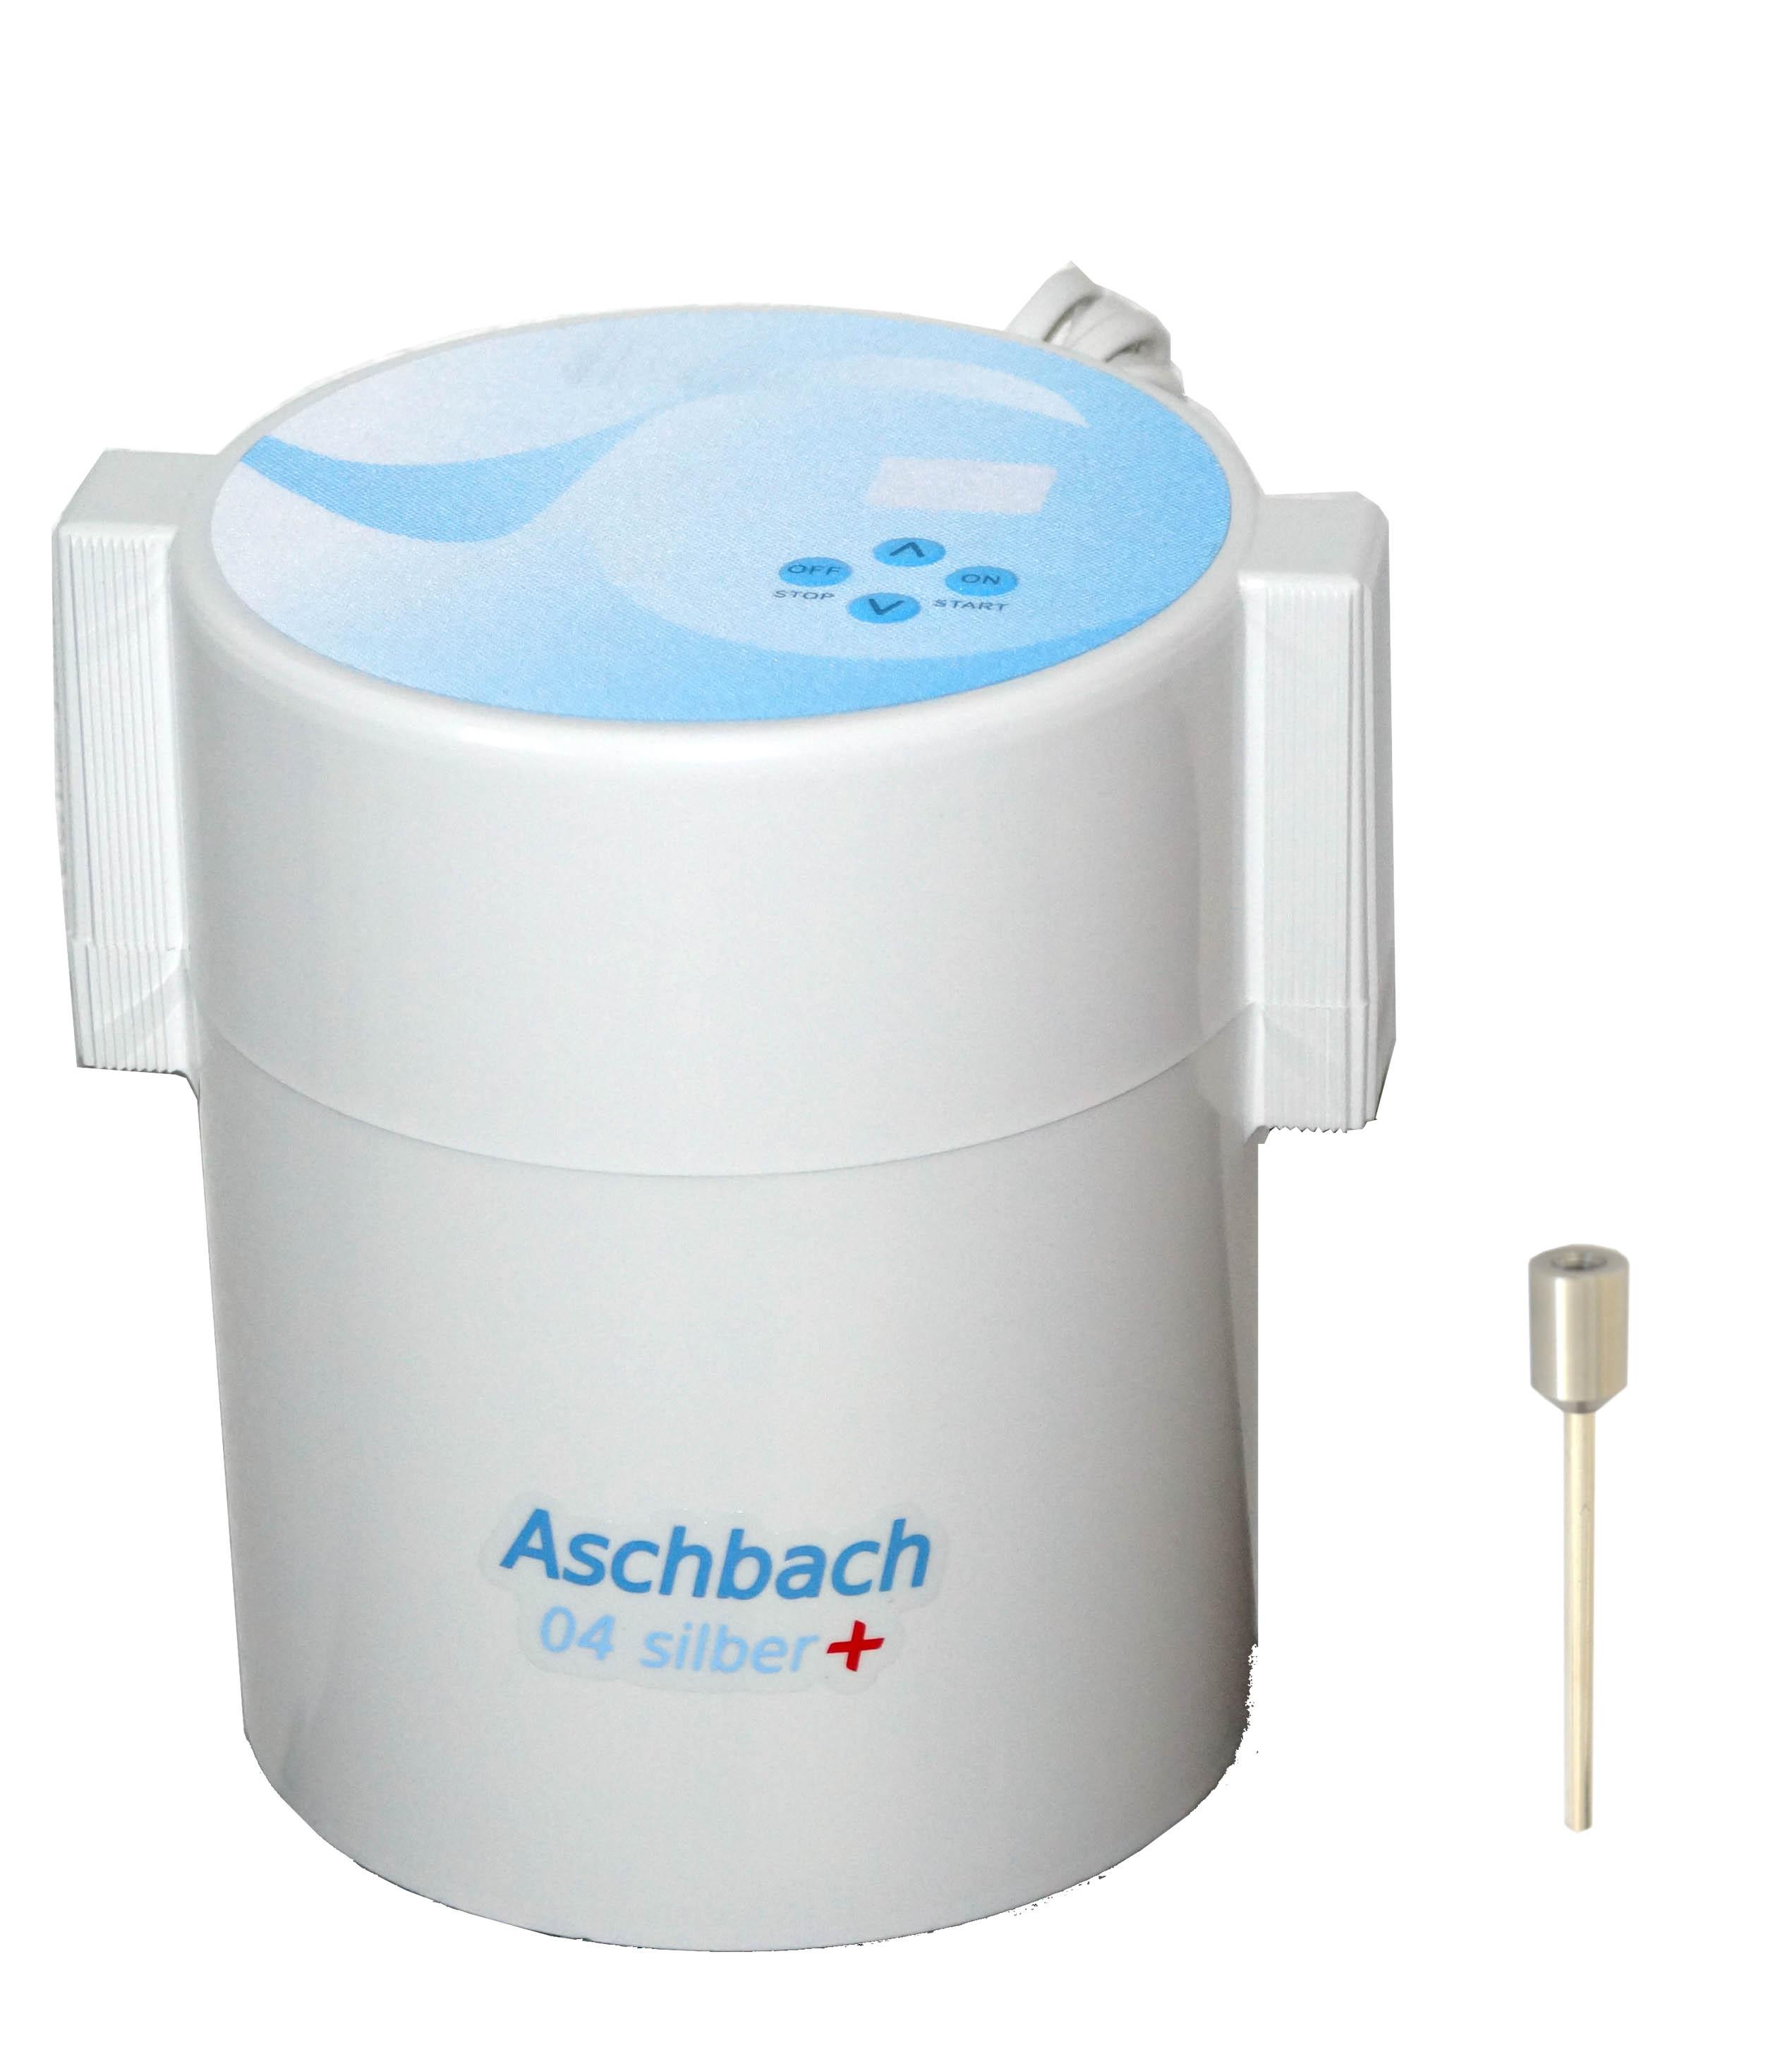 Ашбах 01